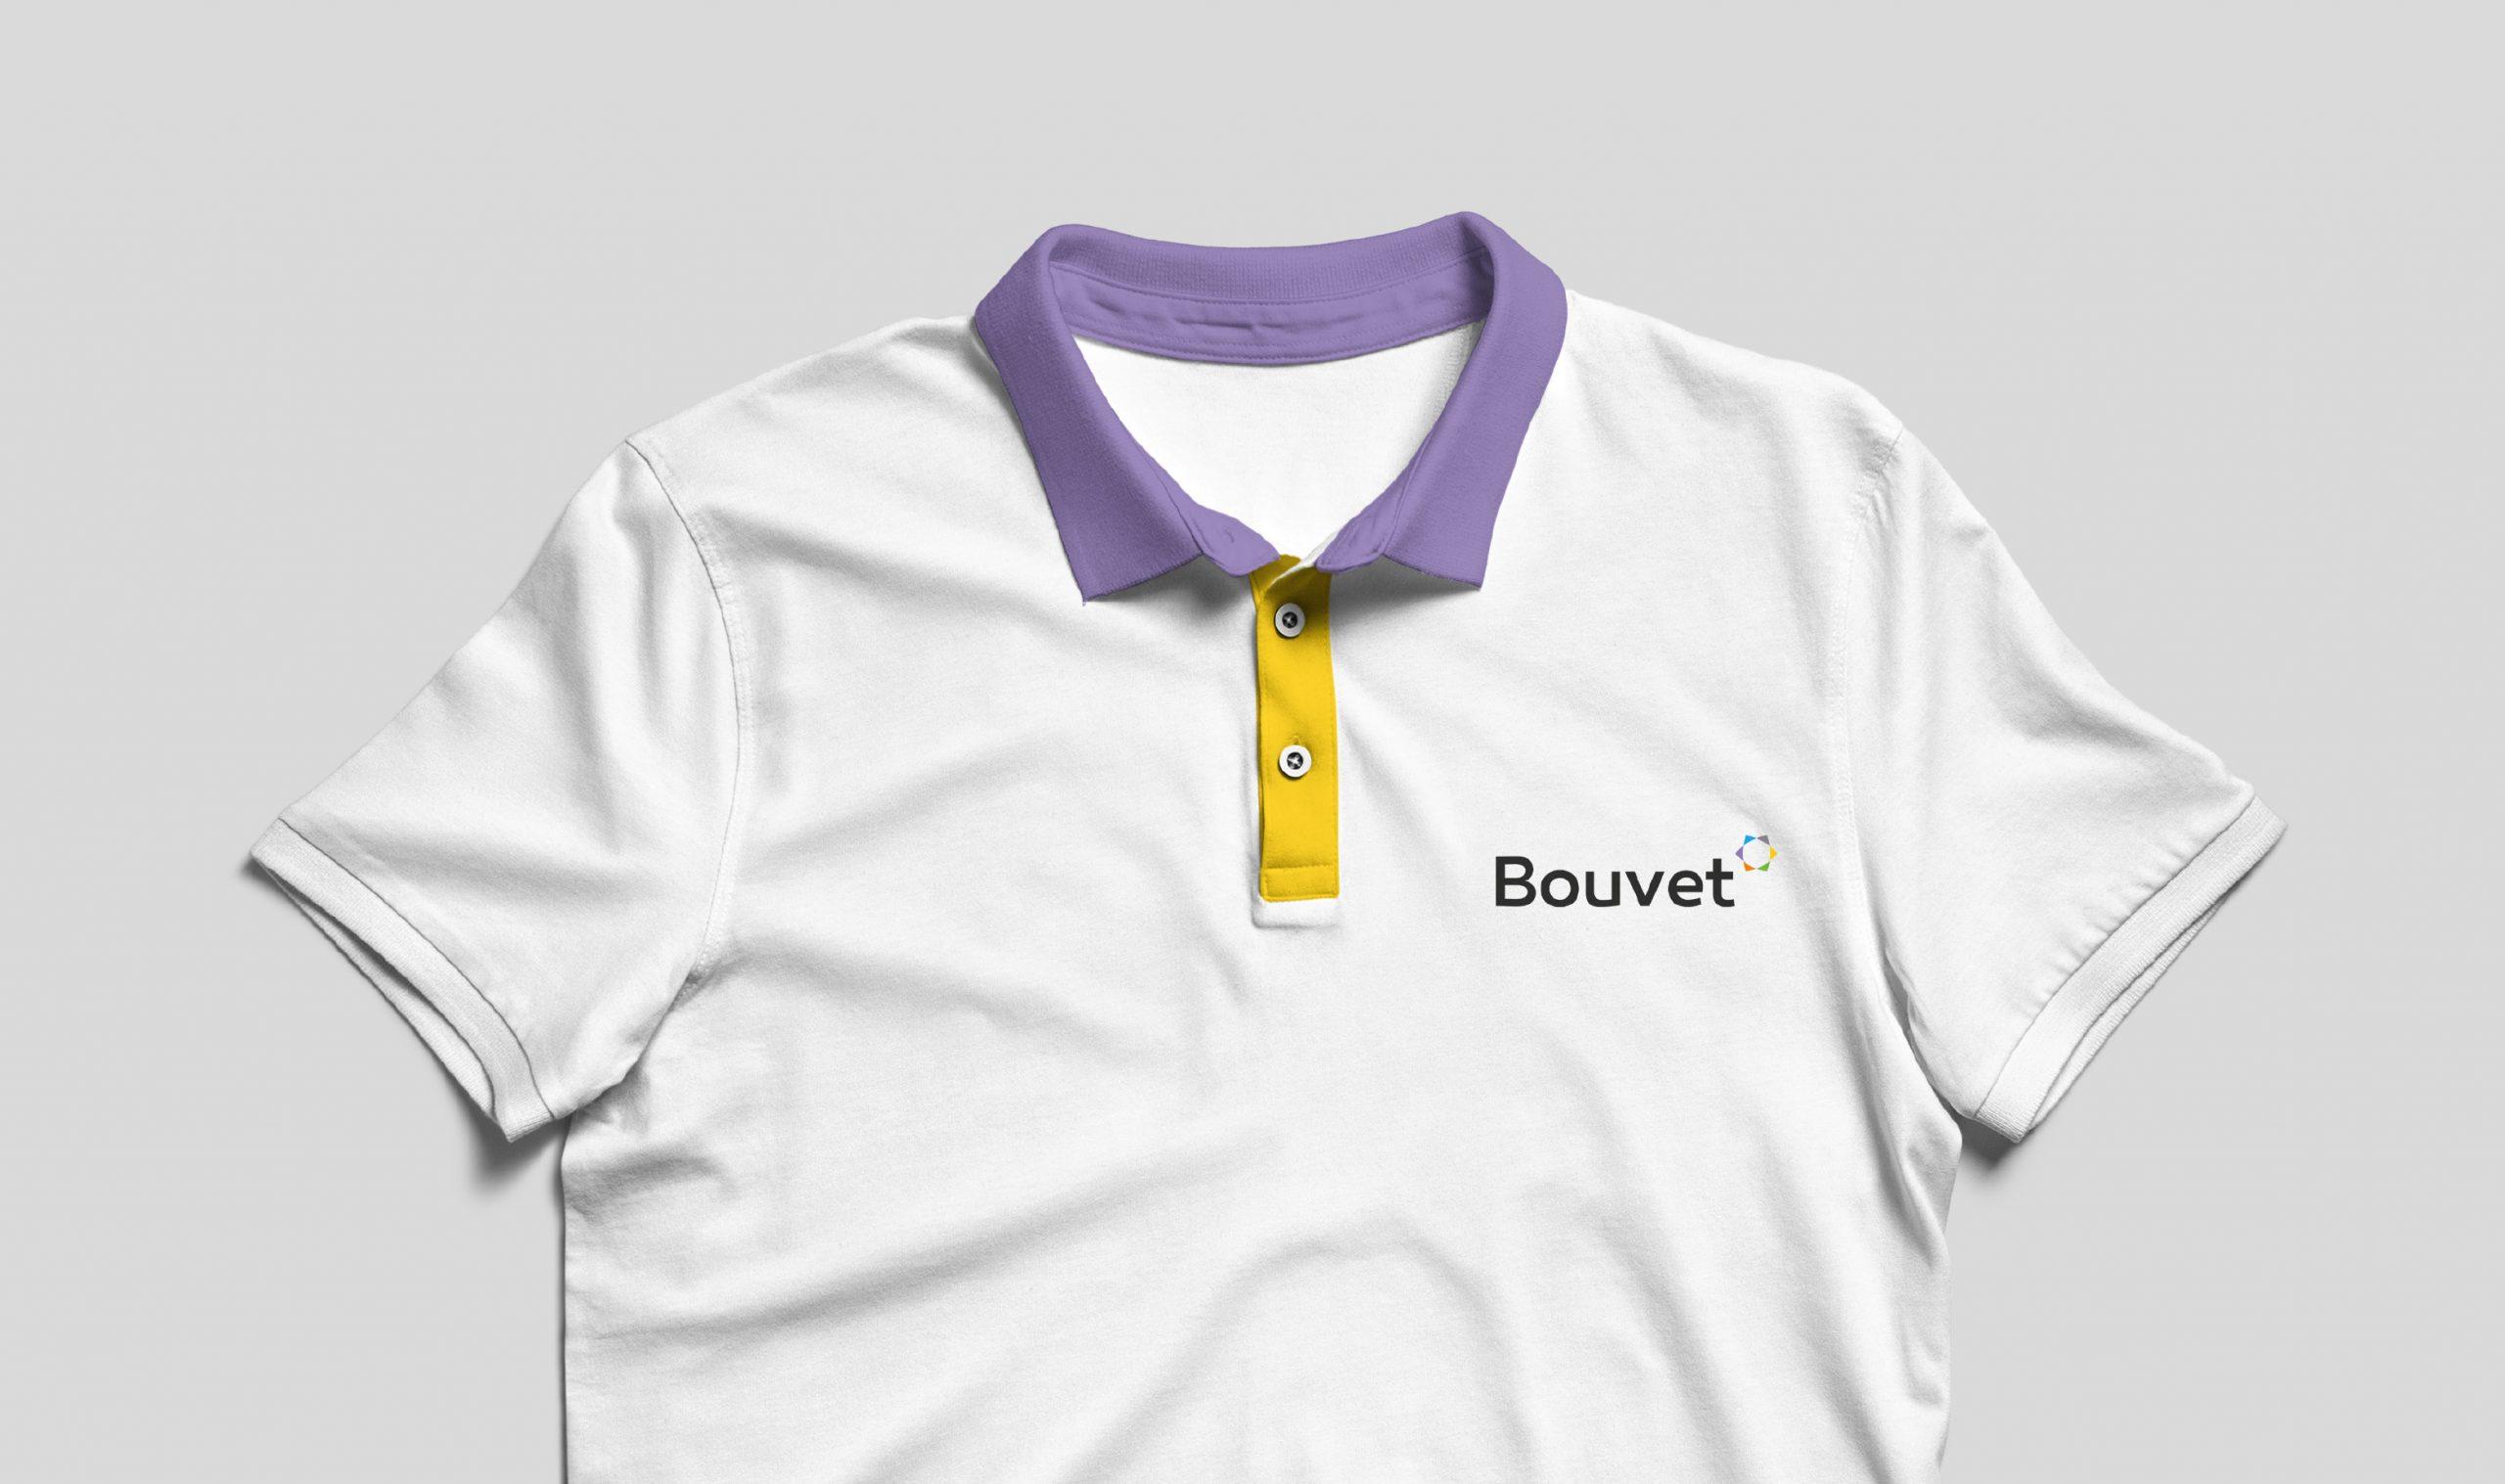 Déclinaisons logo Bouvet sur T-shirt